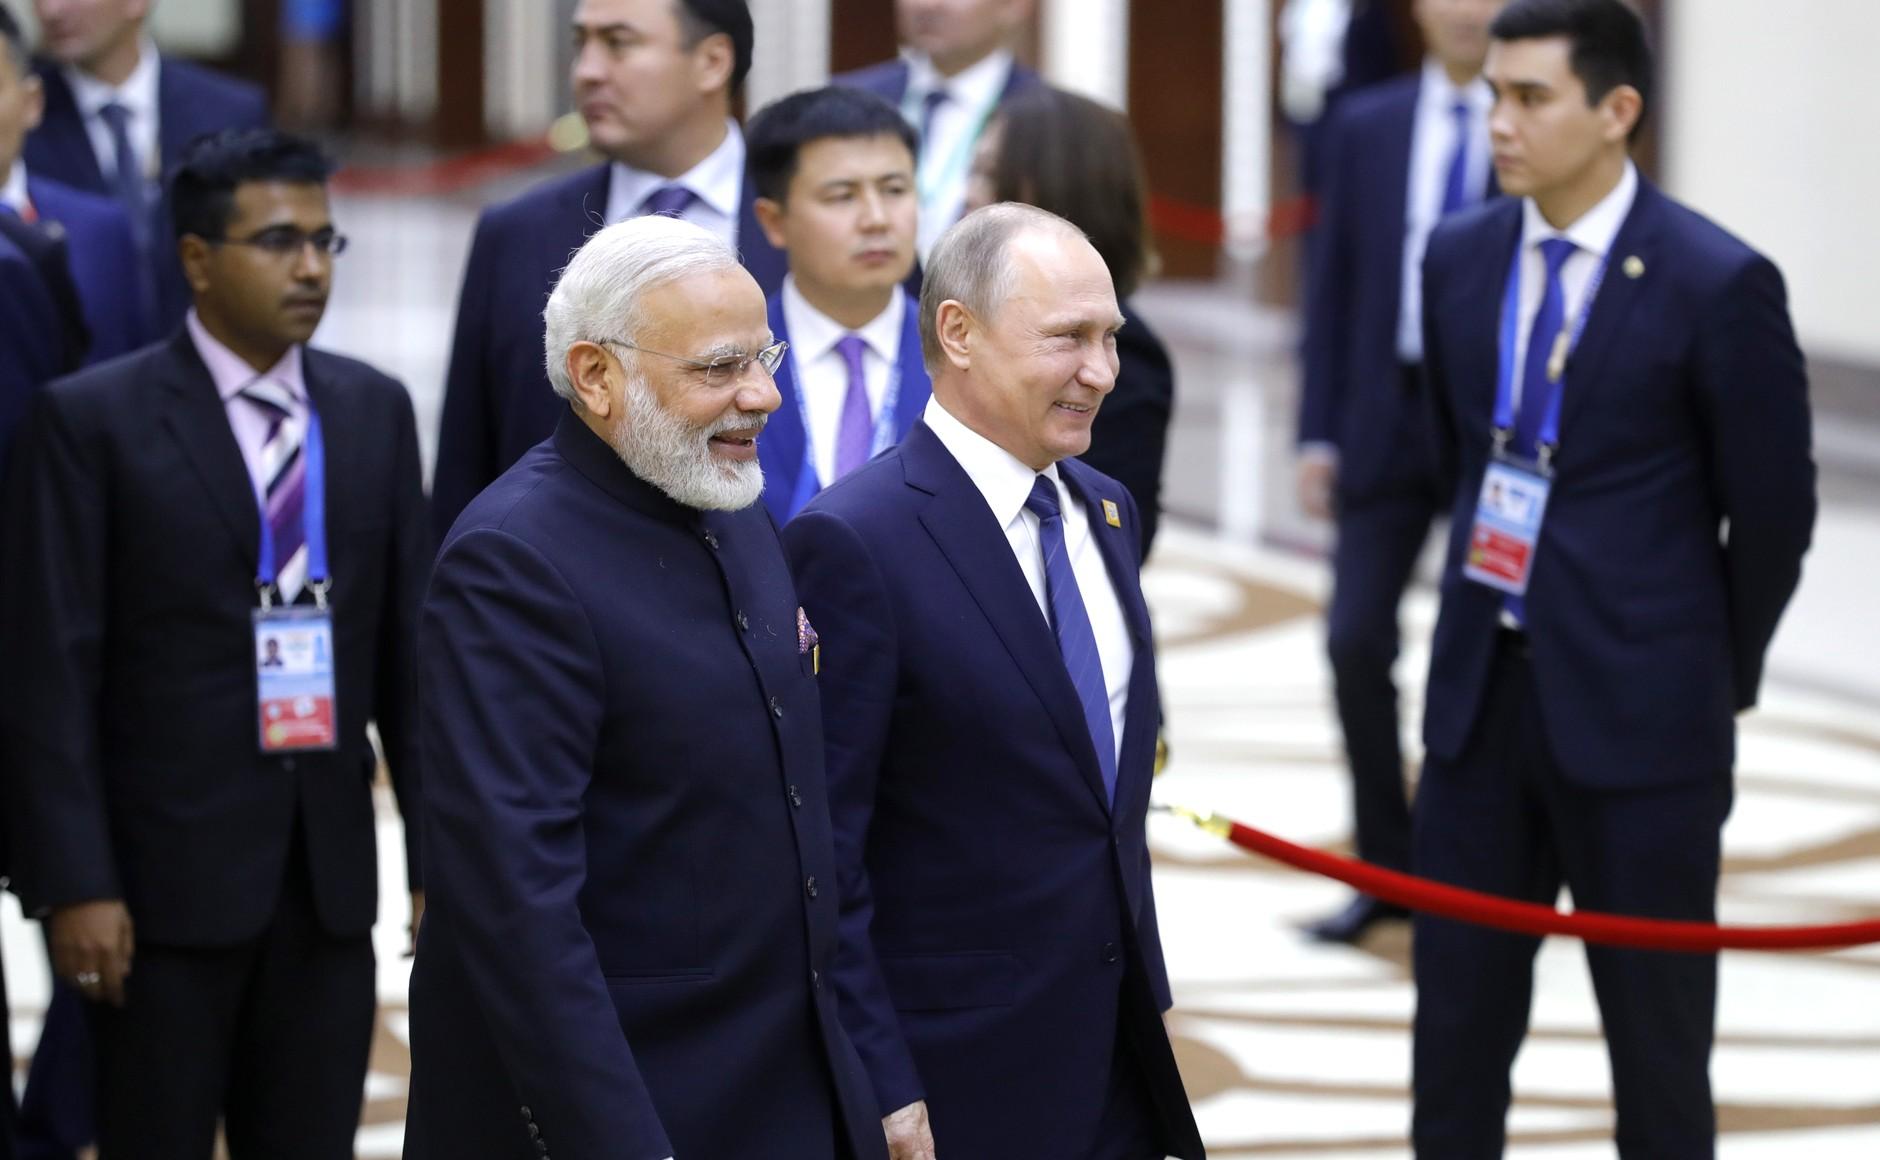 L'orso e la tigre: il partenariato privilegiato tra Russia e India